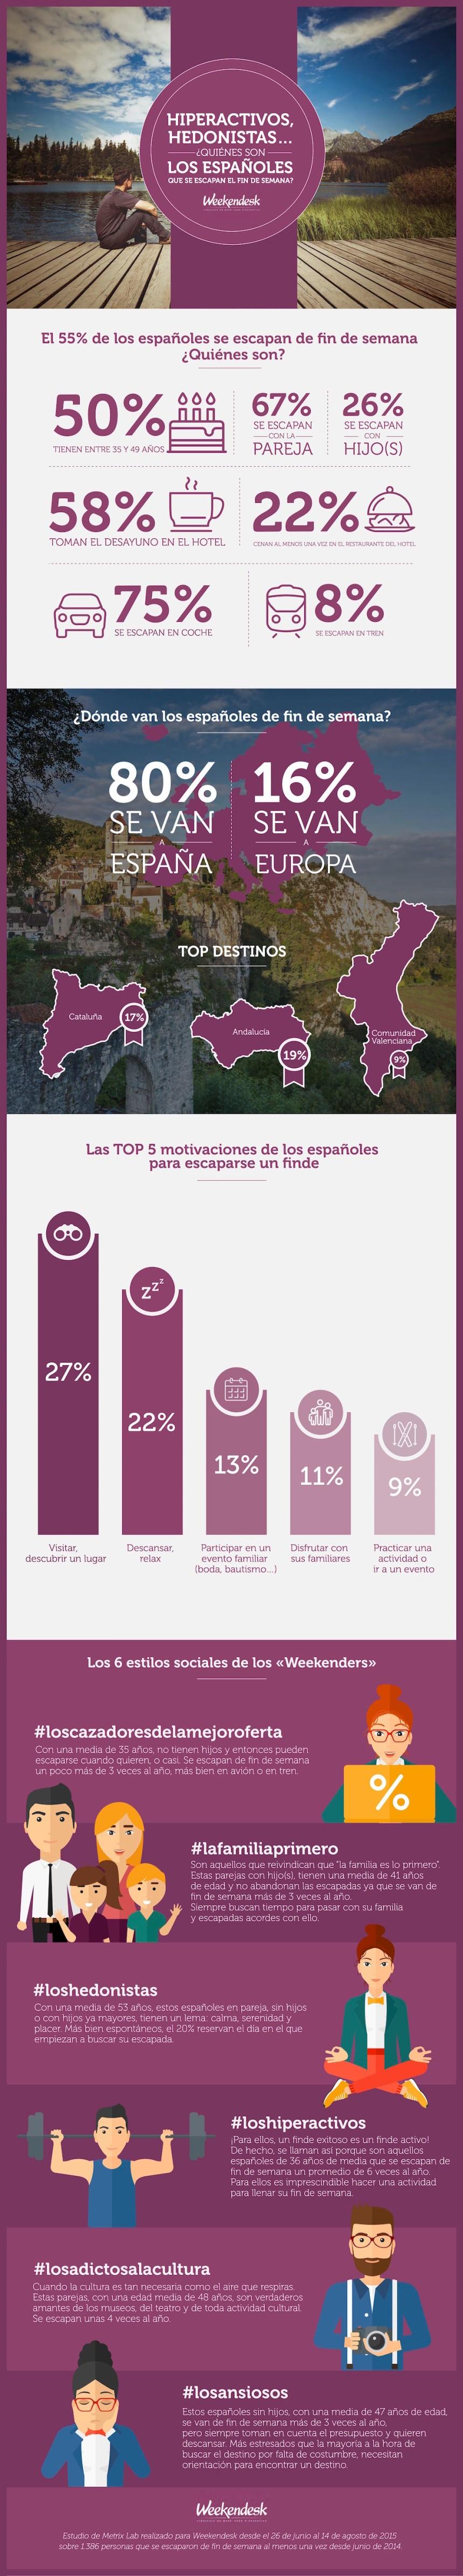 Cómo son los españoles que hacen escapadas el Fin de Semana